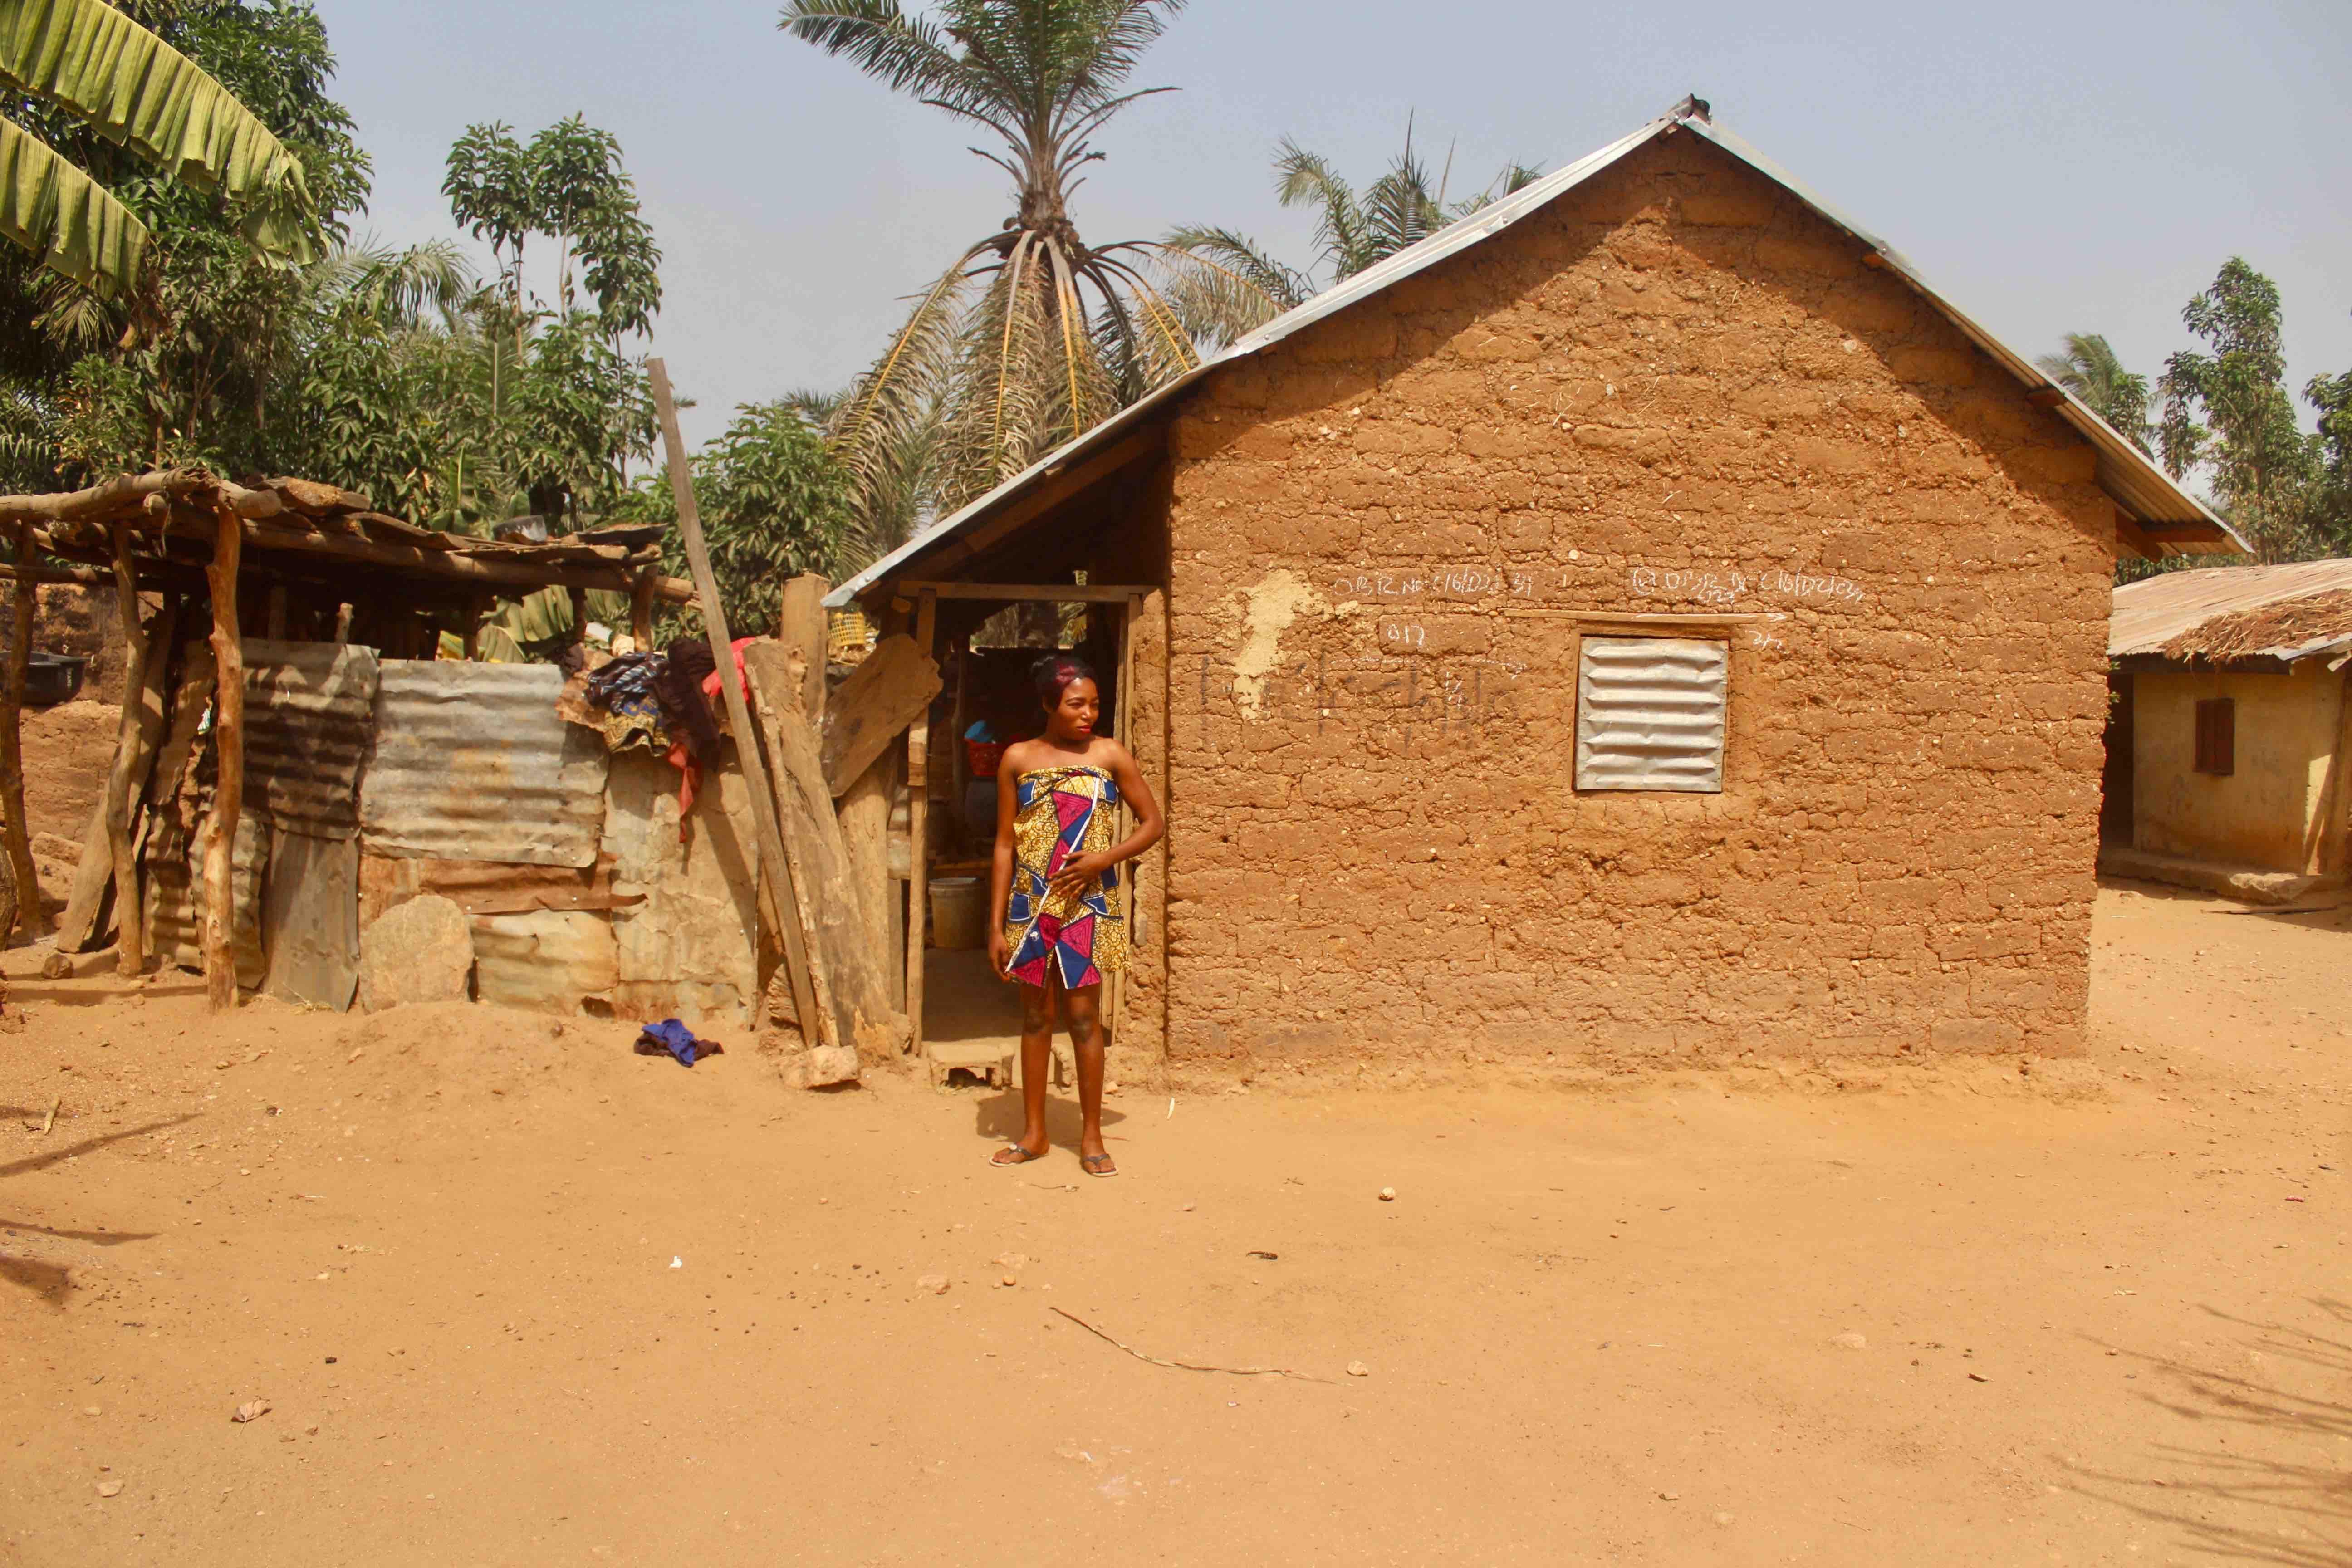 Eggon woman wearing traditional wrapper standing in front of her red mud hut, Langa Langa Village, Nasarawa State, Nigeria. #JujuFilms